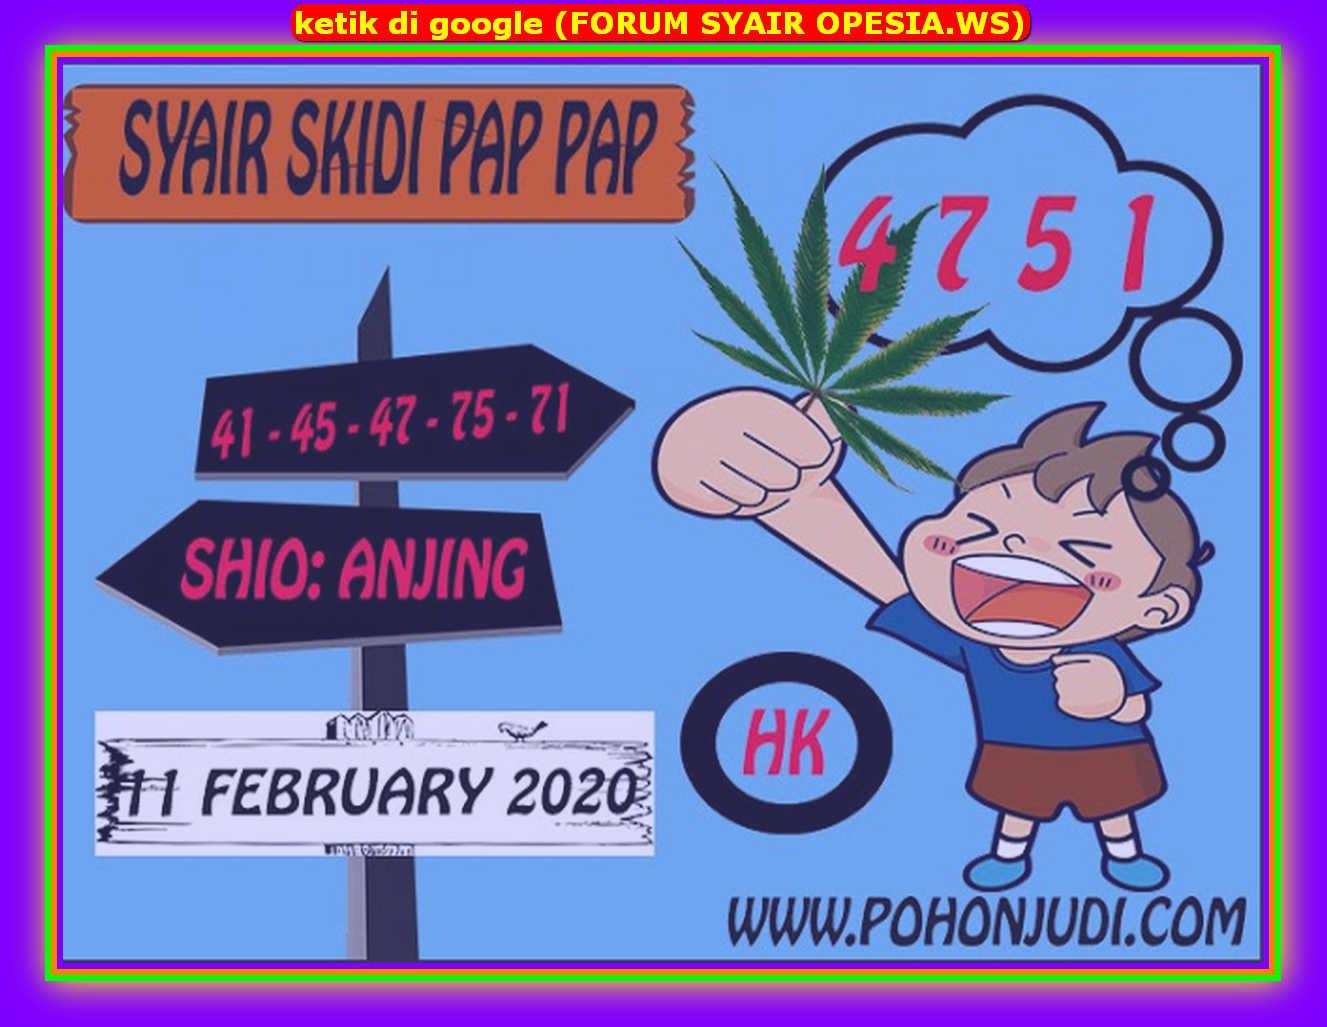 Kode syair Hongkong Selasa 11 Februari 2020 165